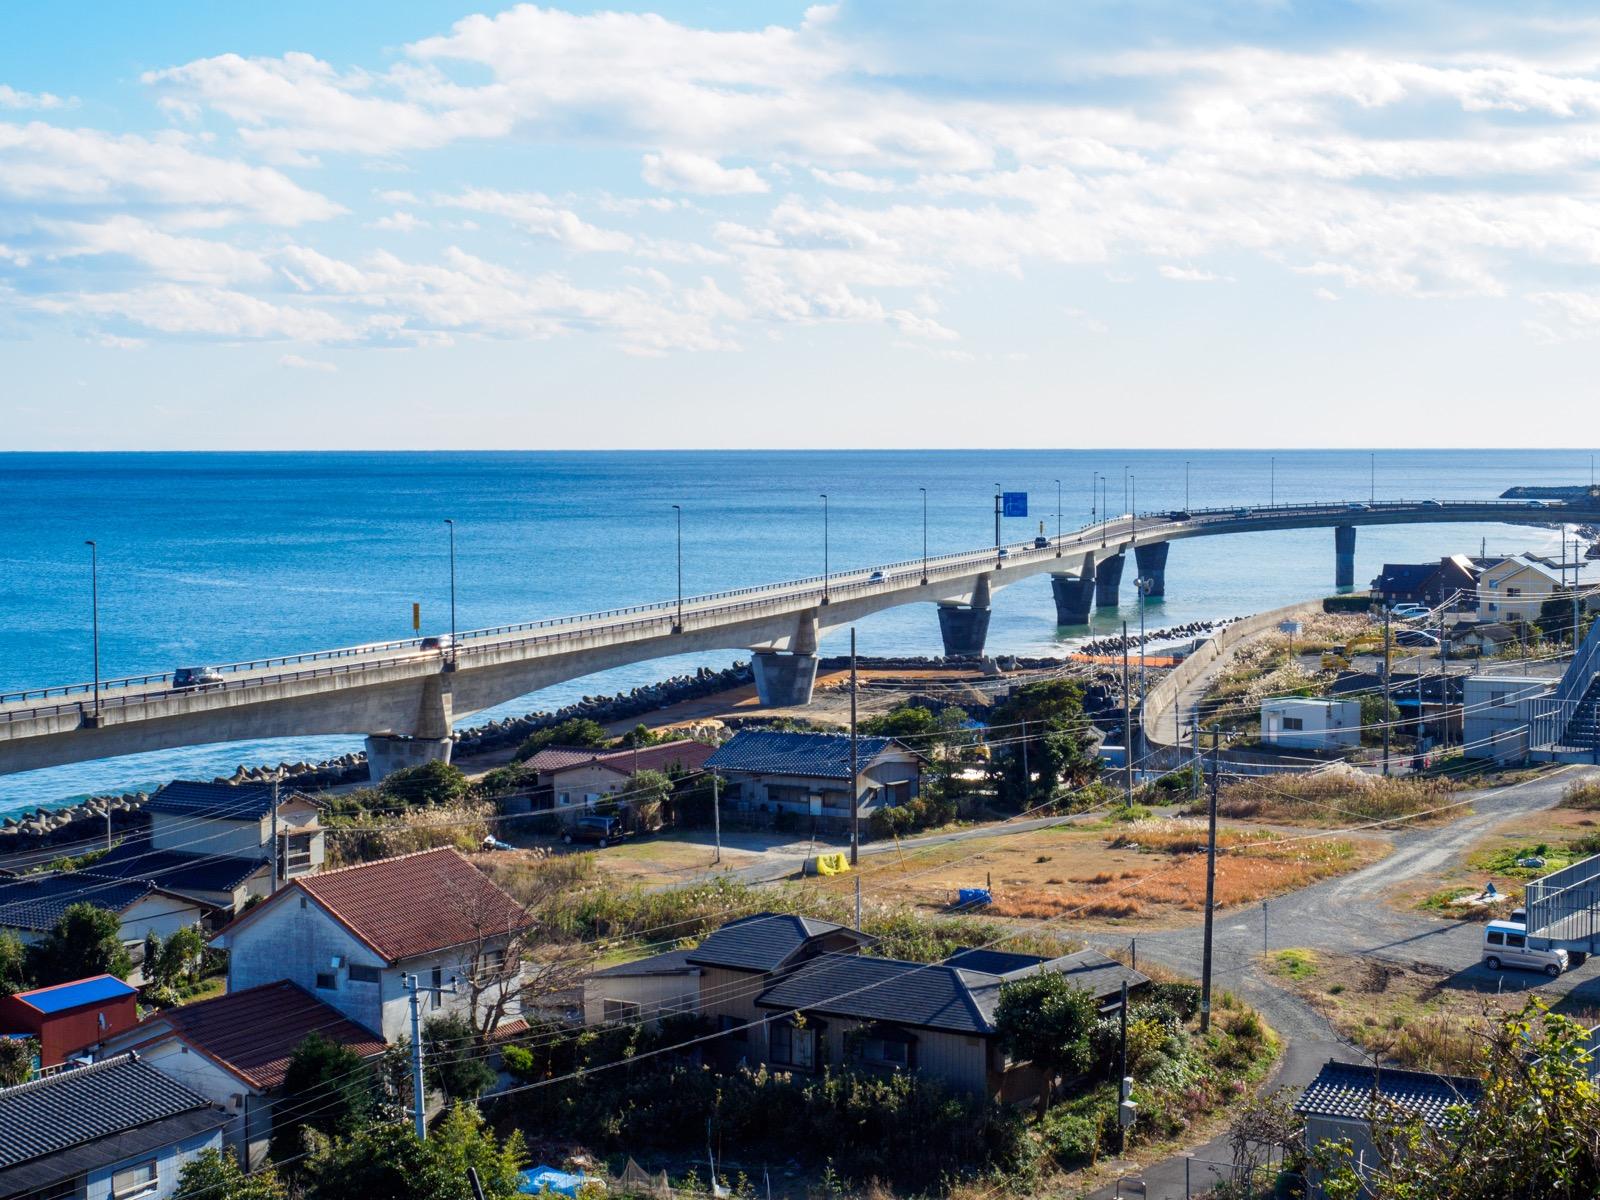 日立駅前から見た太平洋と国道6号線(日立バイパス)